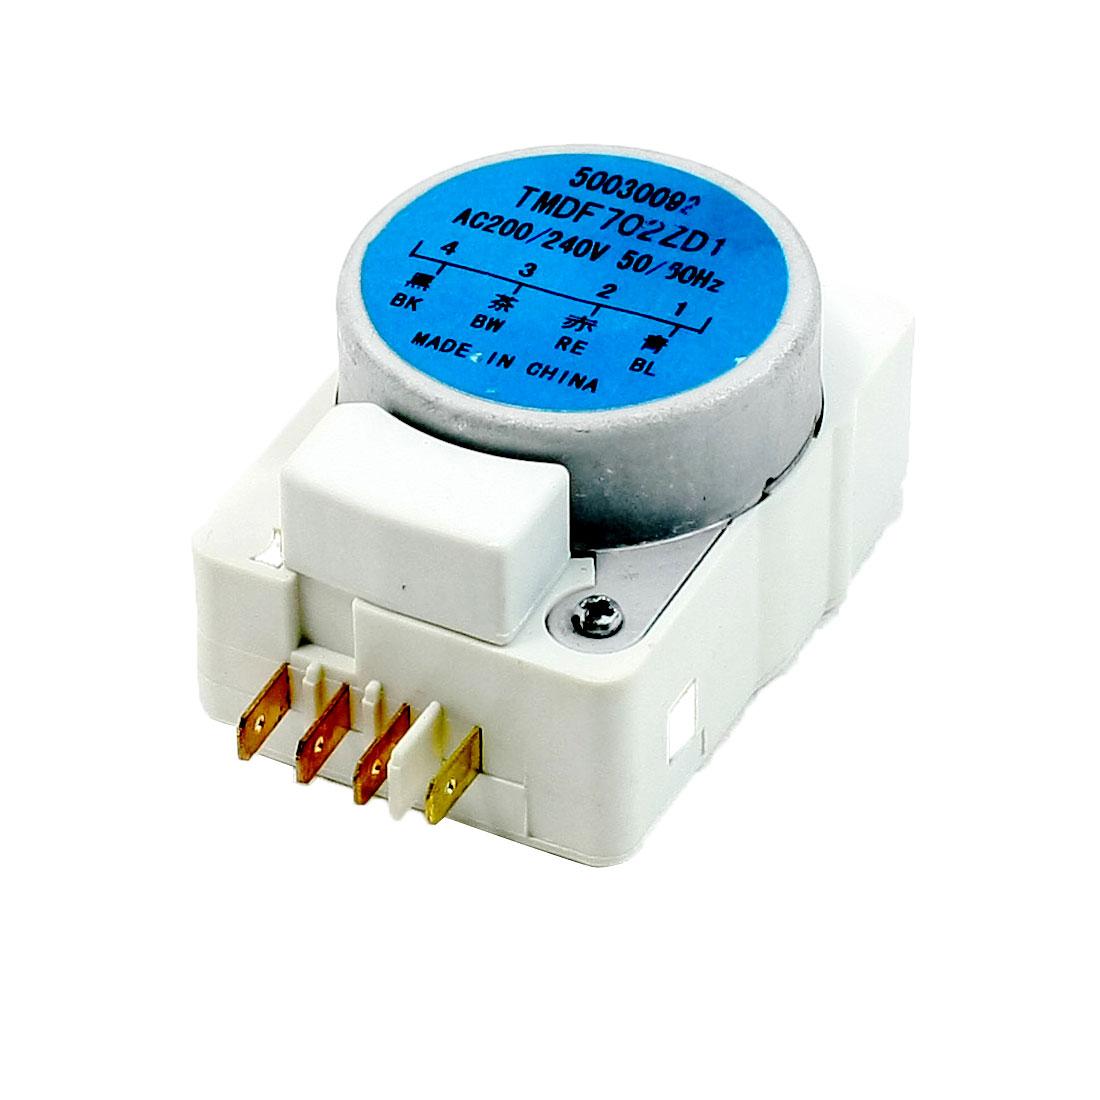 AC 200V/240V 50/60Hz Replacing Rectangle Shaped Refrigerator Defrost Timer